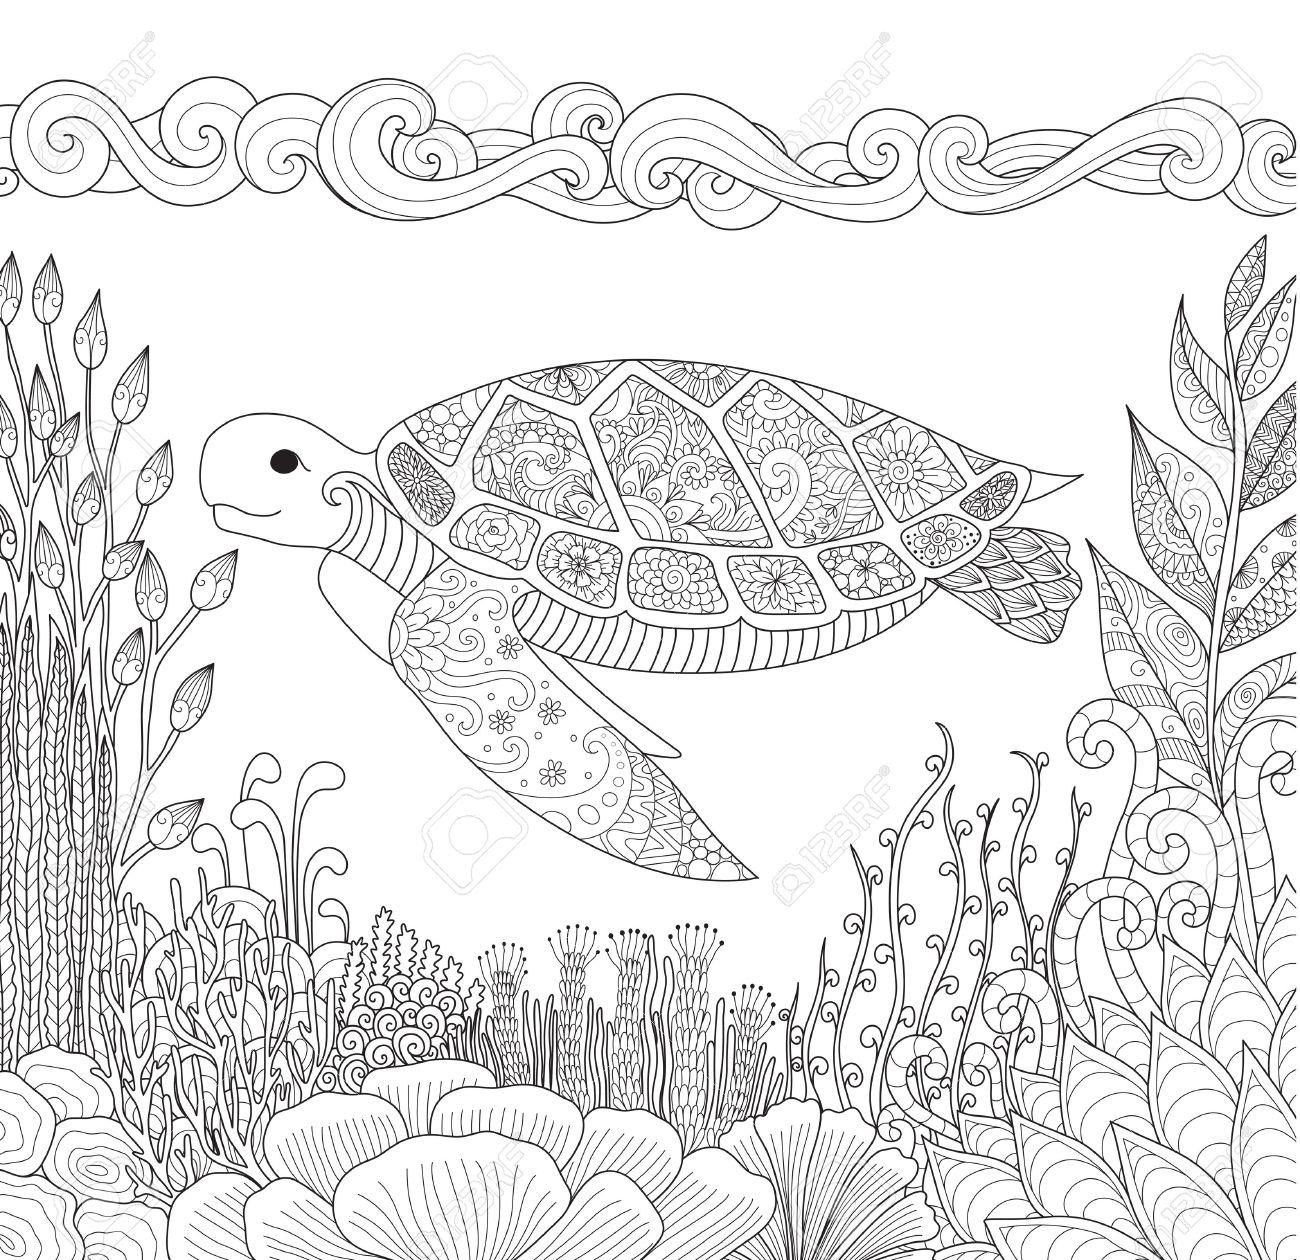 アンチ ストレス 株式ベクトルのため大人の塗り絵の美しいサンゴと海で